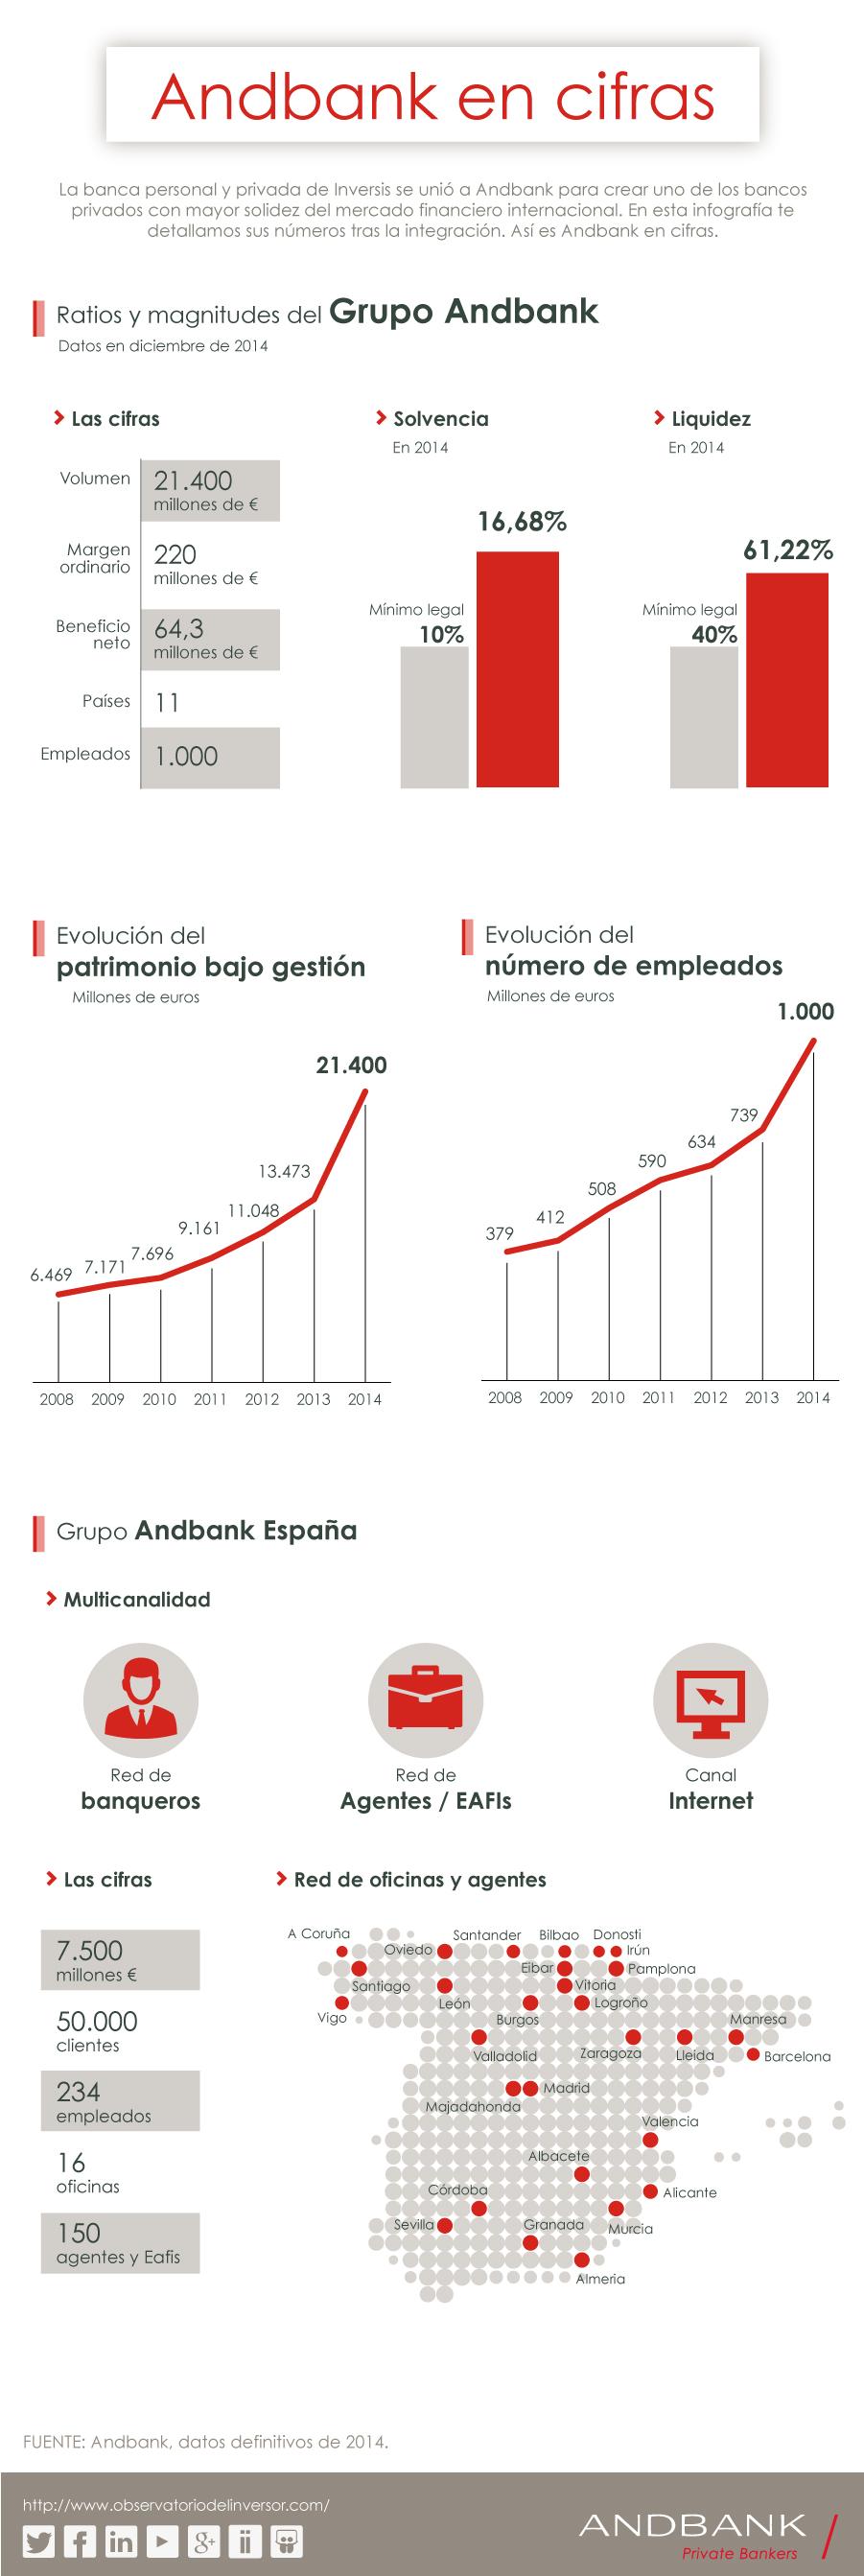 Andbank cifras definitivas 2014